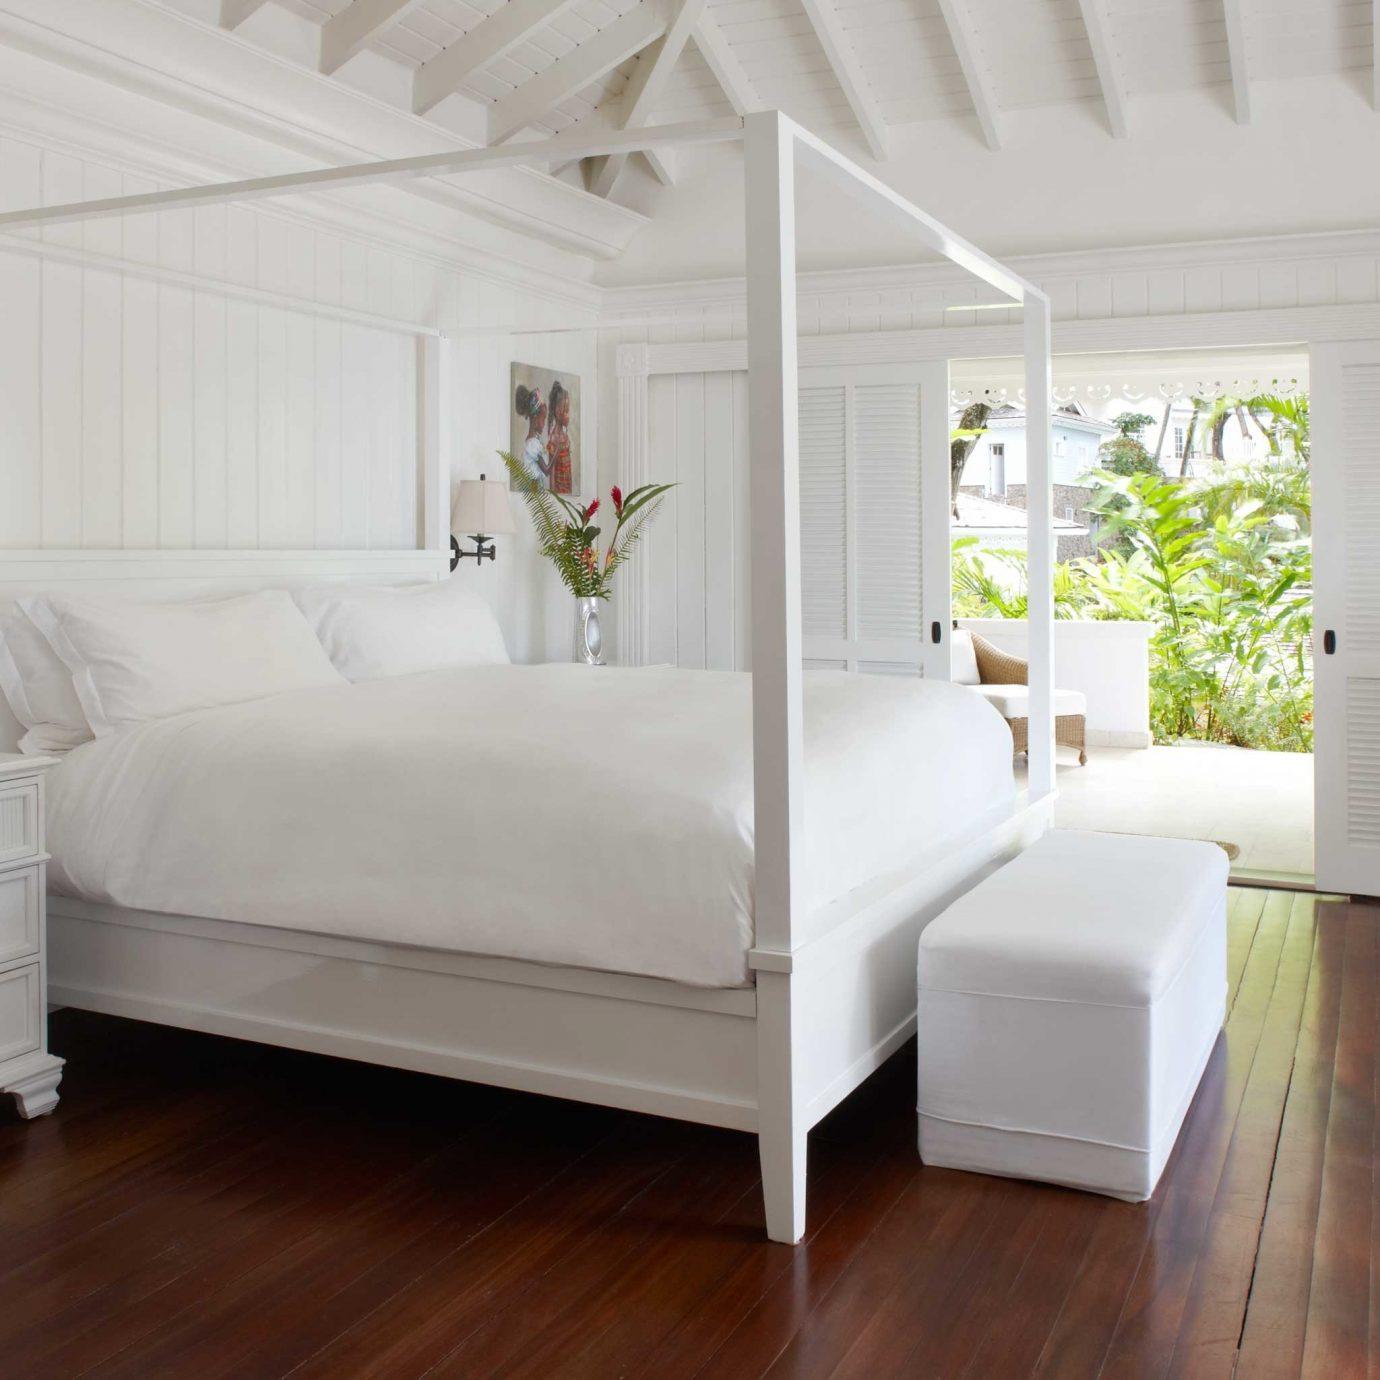 Bedroom Family Luxury Modern Resort Villa property hardwood home living room bed frame cottage wood flooring flooring laminate flooring hard